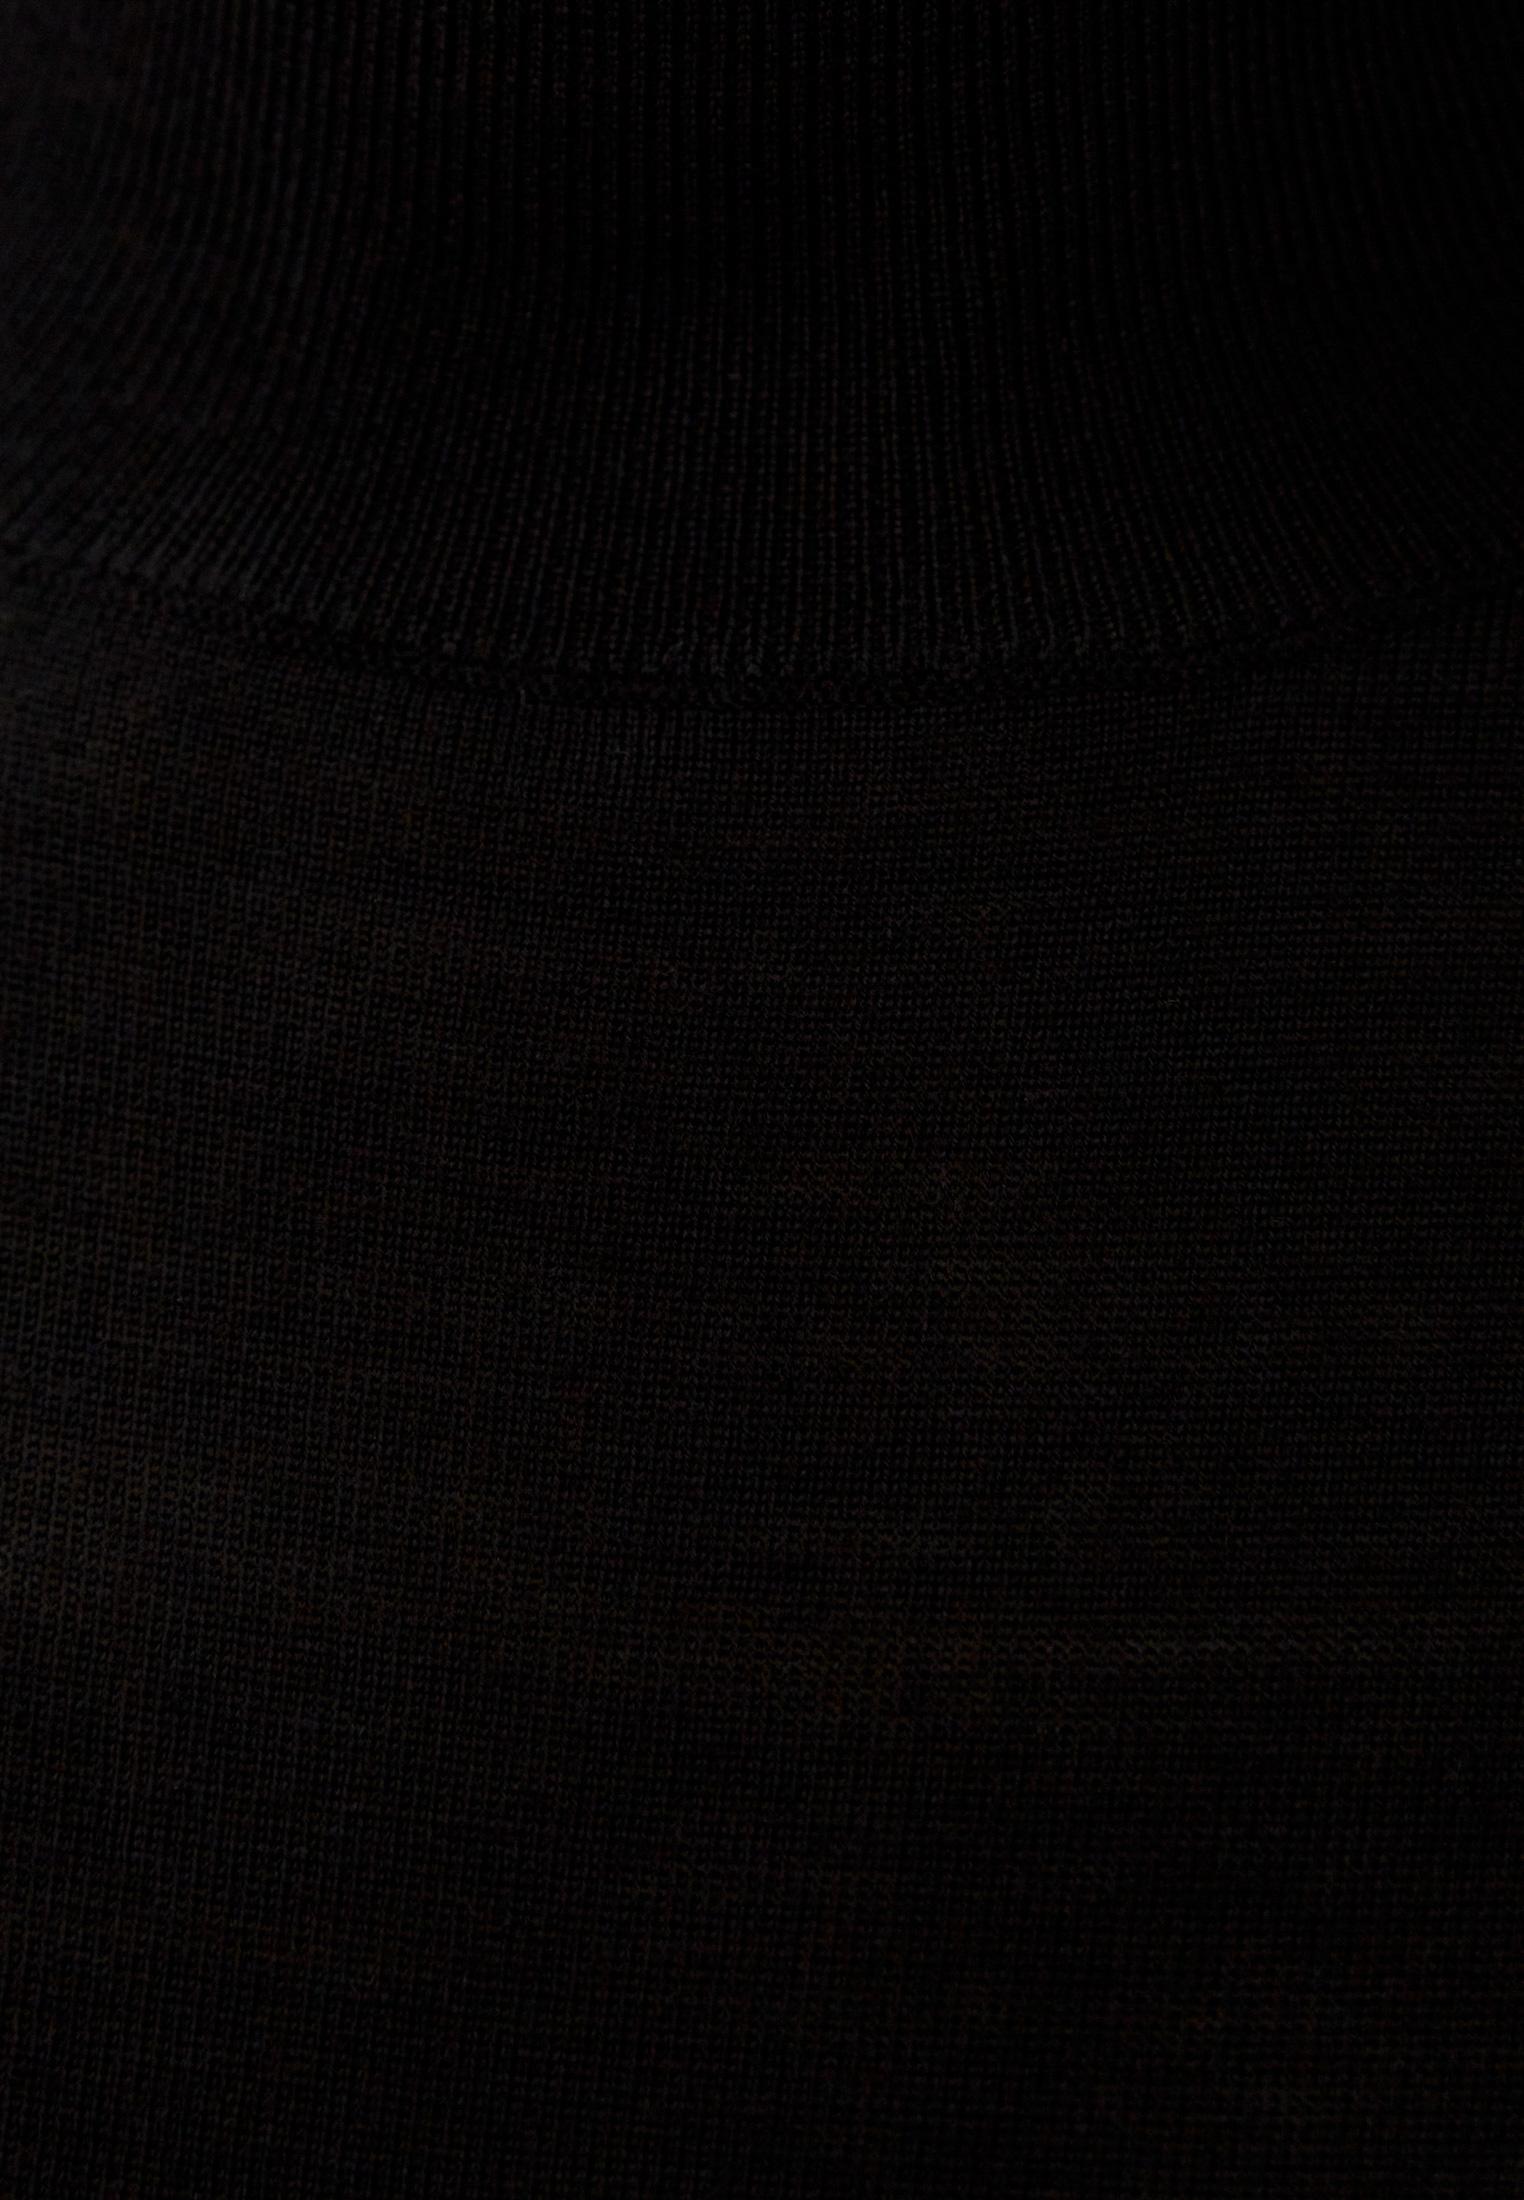 Женские боди Forte Forte 7833_my knit: изображение 5